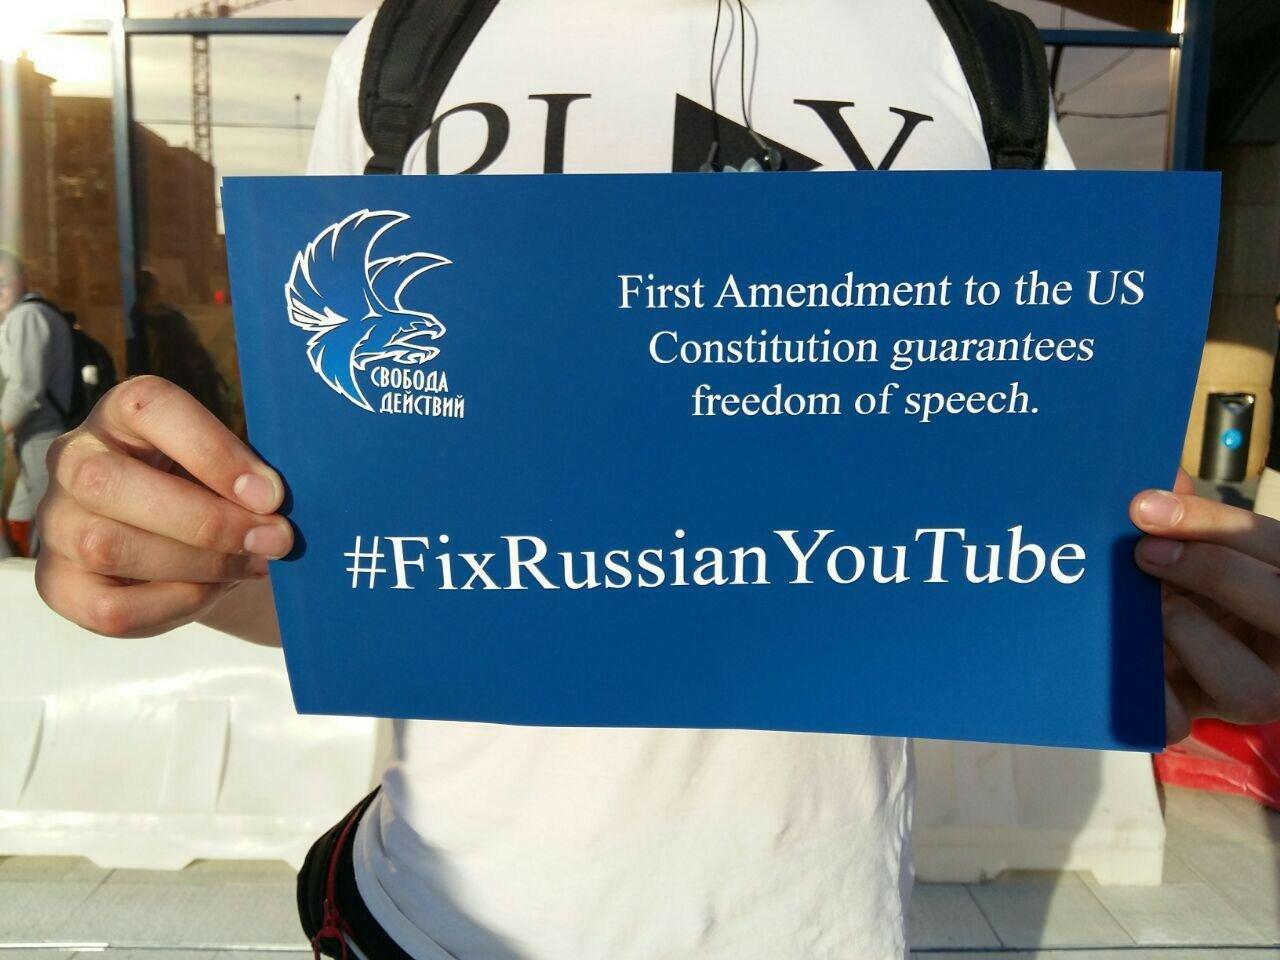 Пикет у Российского офиса YouTube